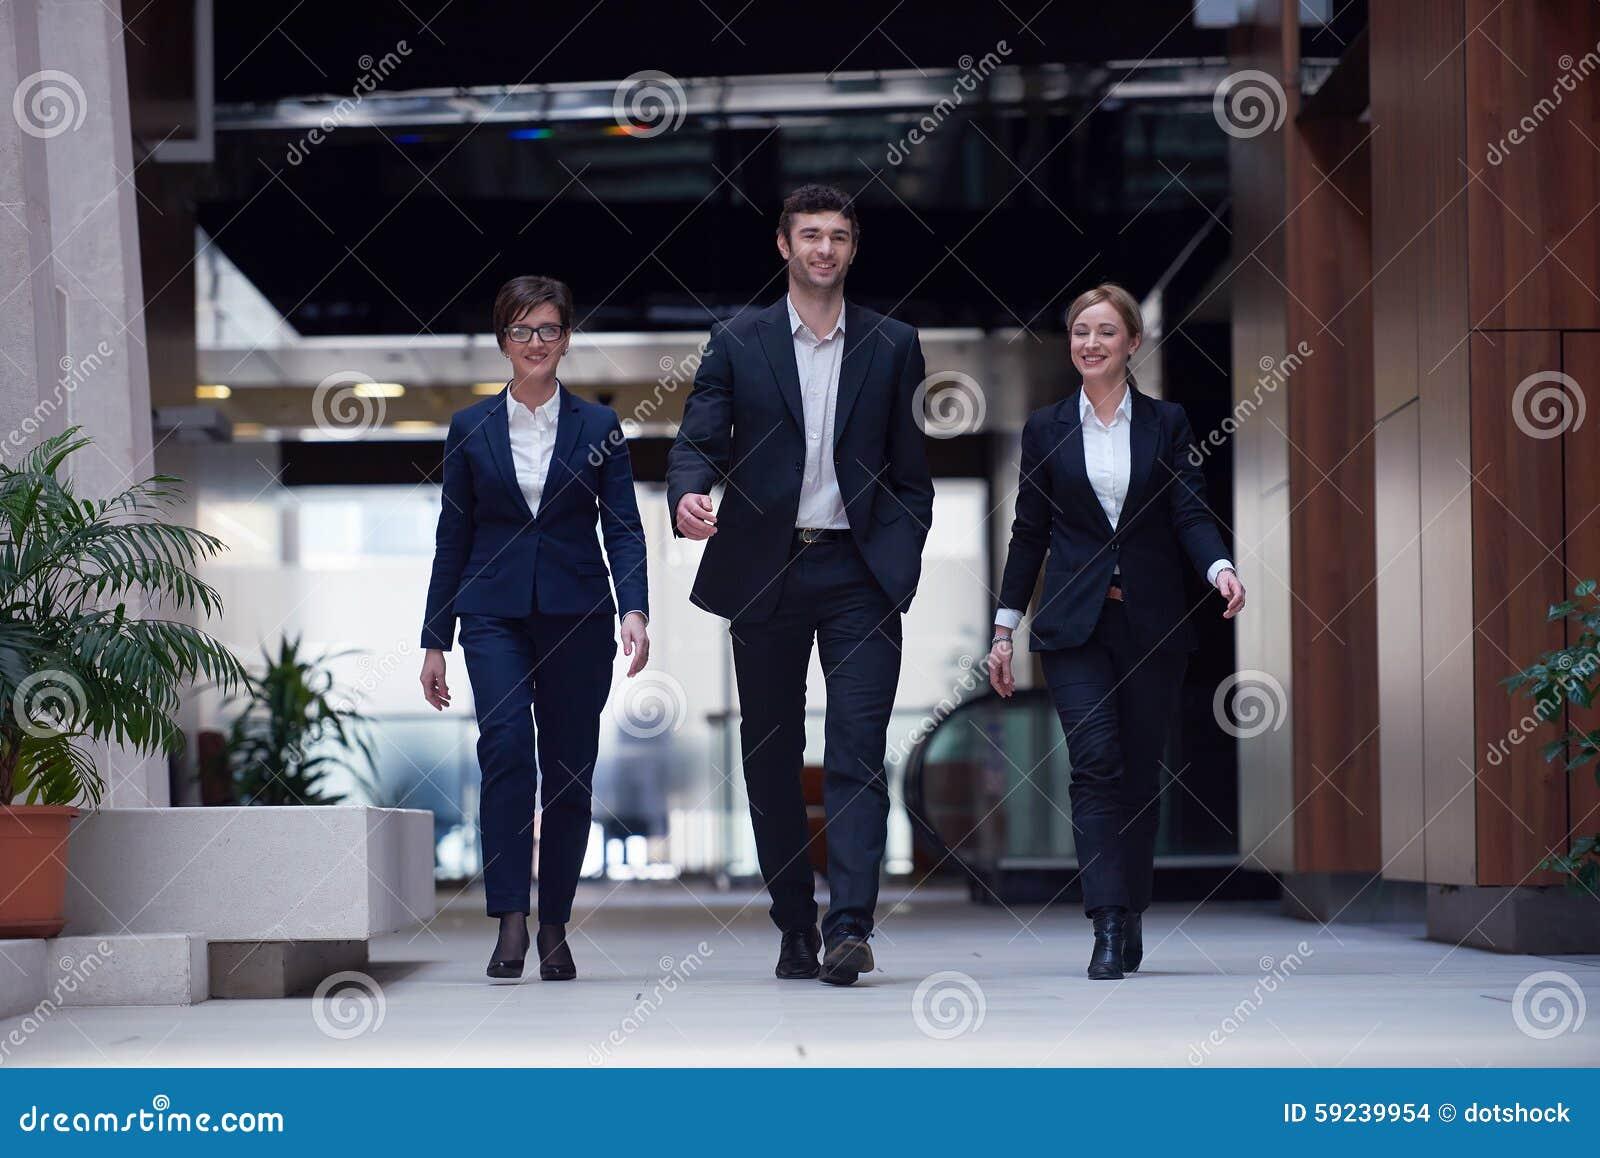 Download Hombres De Negocios El Recorrer De Las Personas Foto de archivo - Imagen de blur, discusión: 59239954